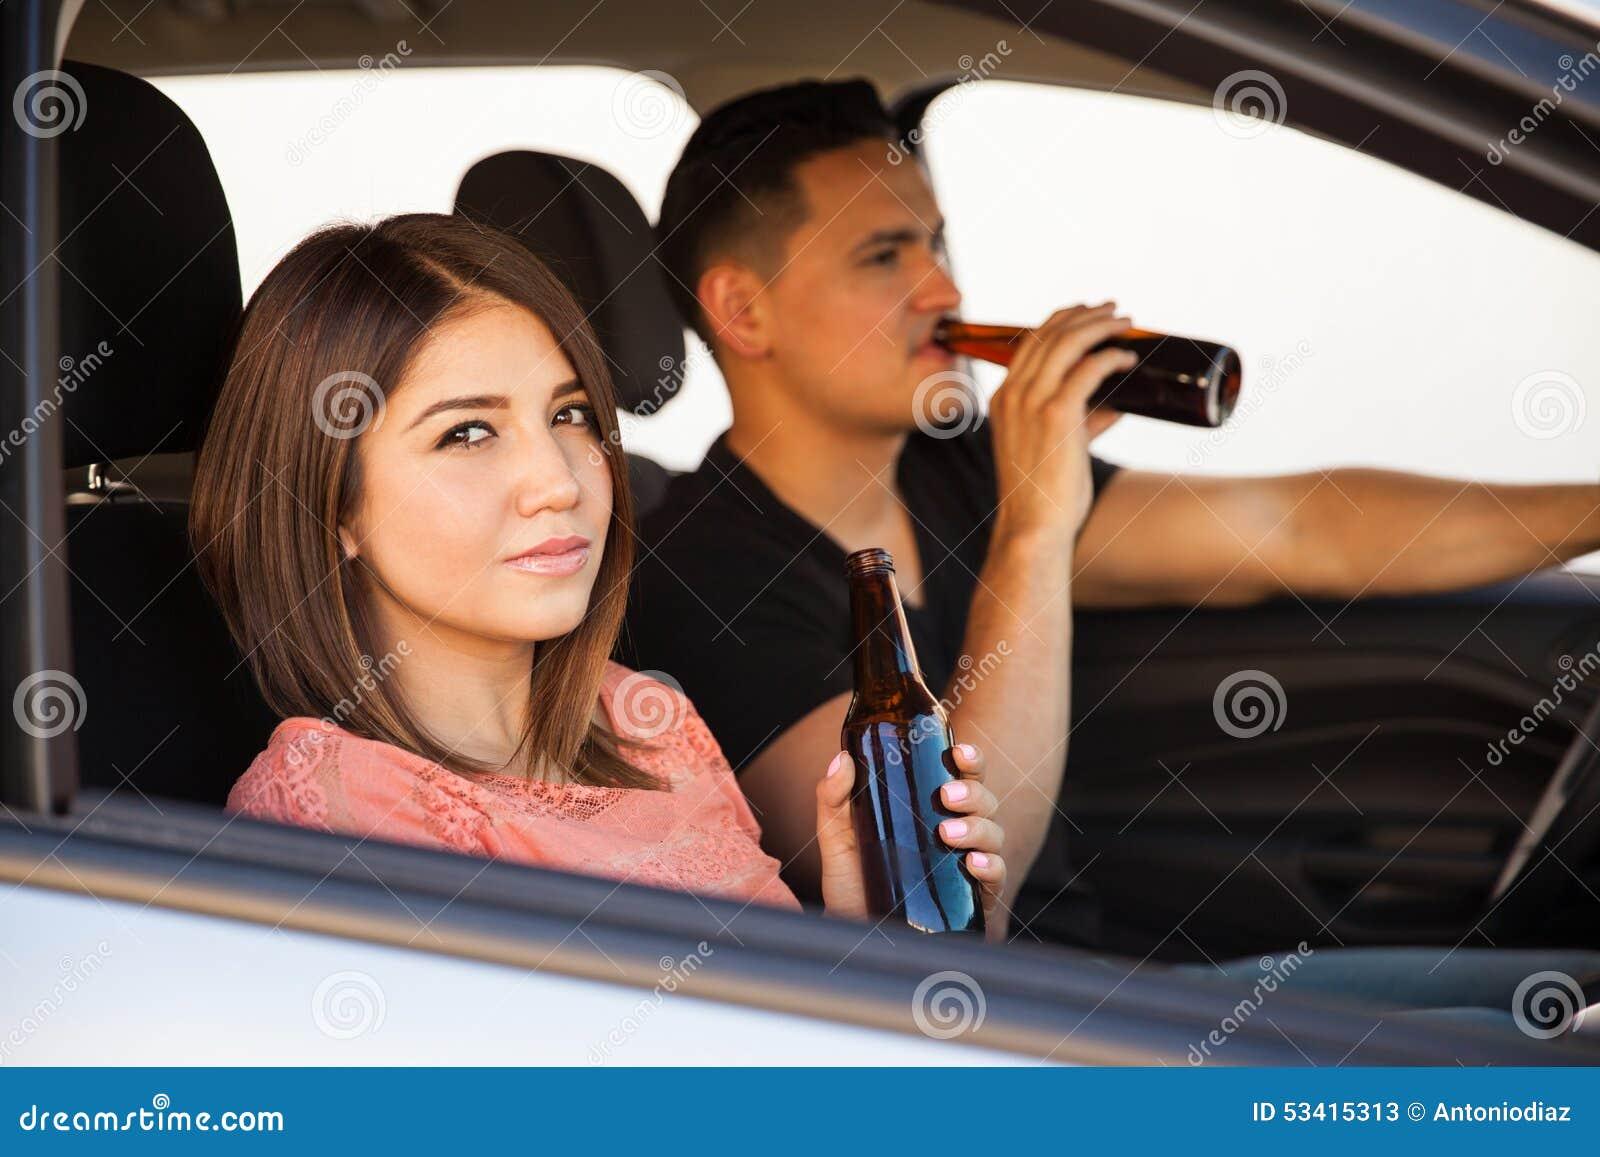 Dating bierflessen